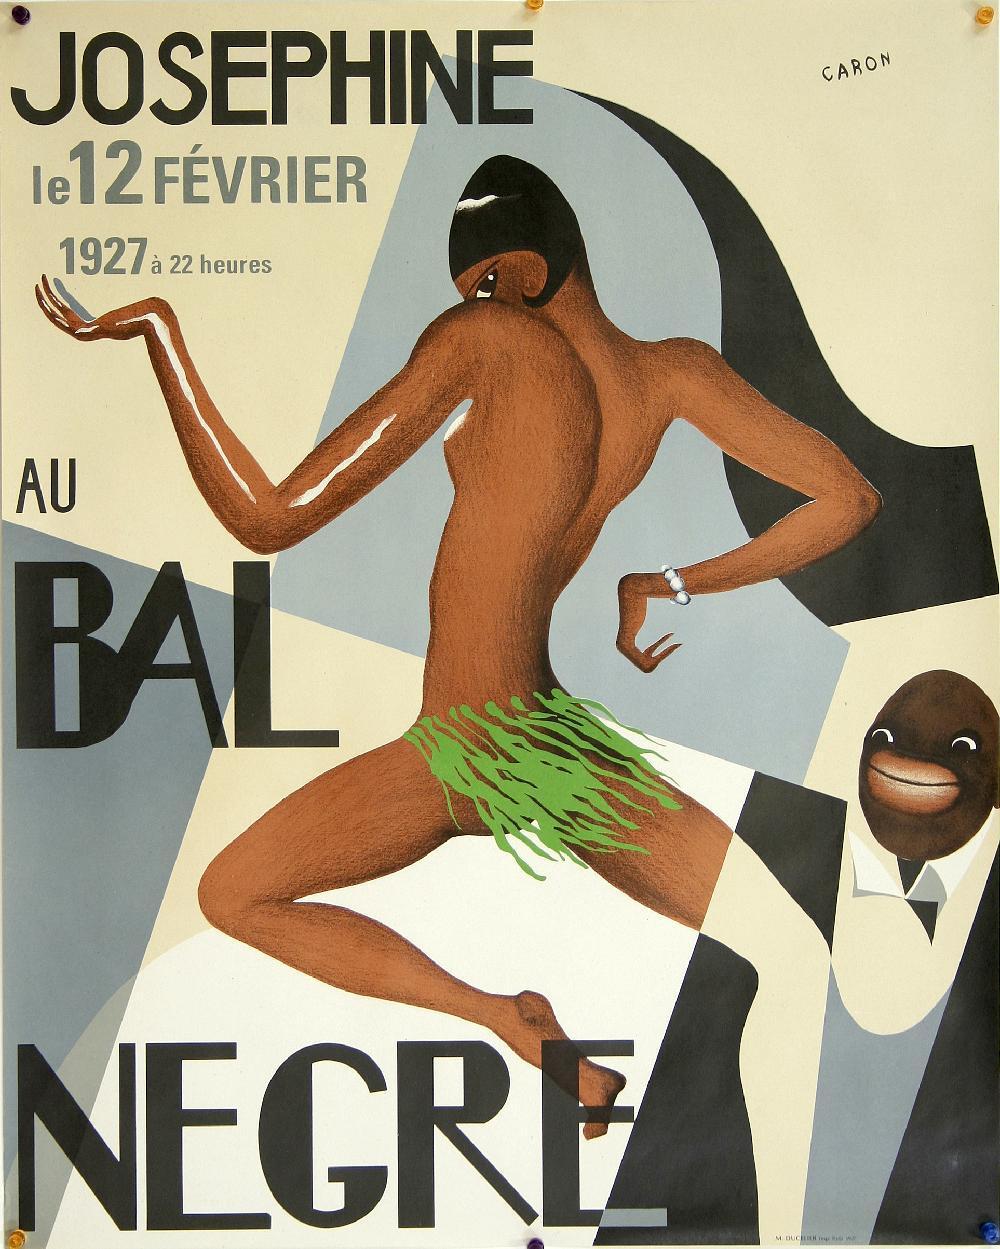 Josephine Baker Art Deco Poster, 1927